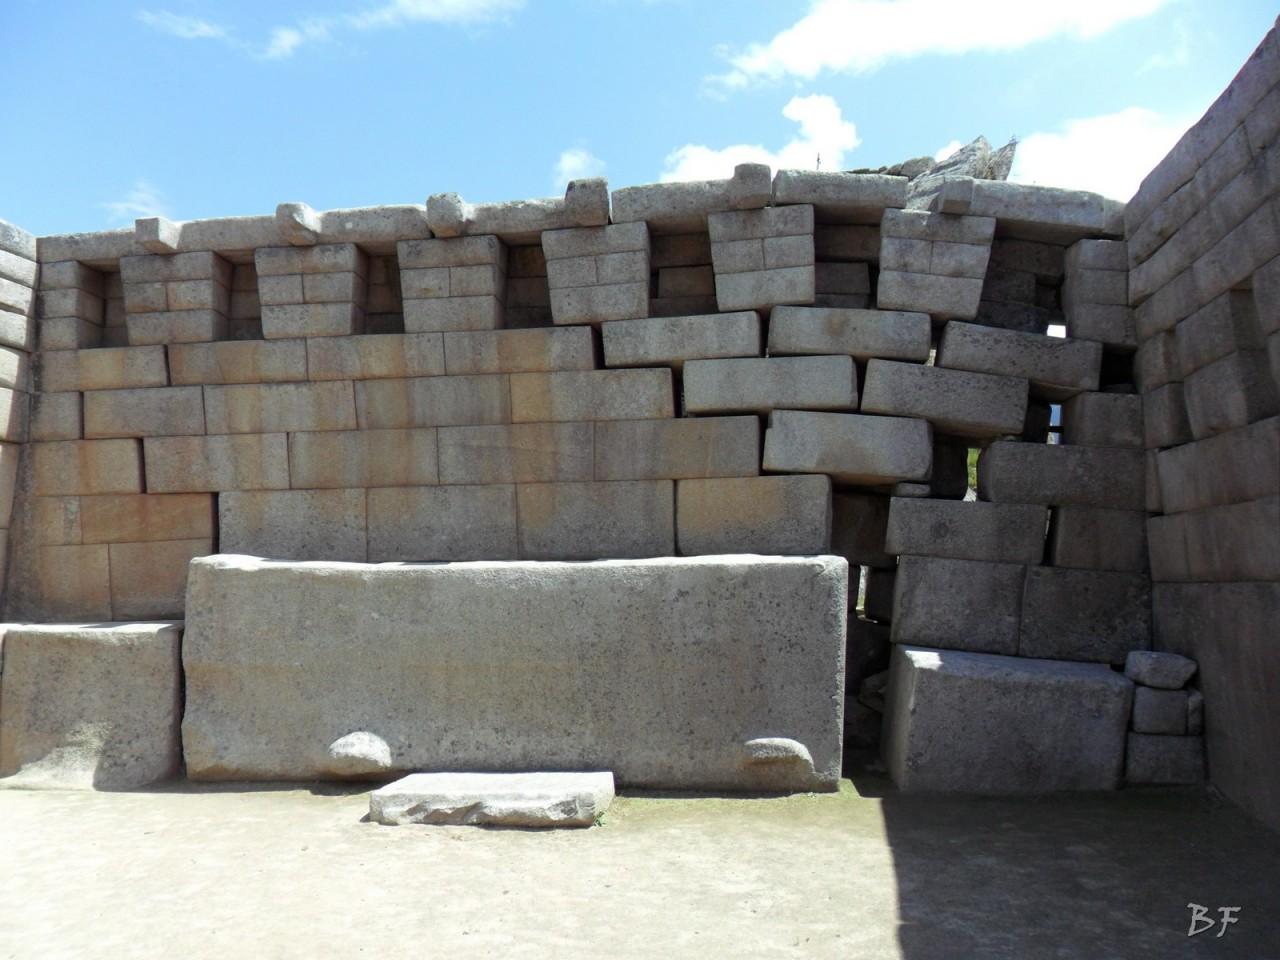 Mura-Poligonali-Incisioni-Altari-Edifici-Rupestri-Megaliti-Machu-Picchu-Aguas-Calientes-Urubamba-Cusco-Perù-56